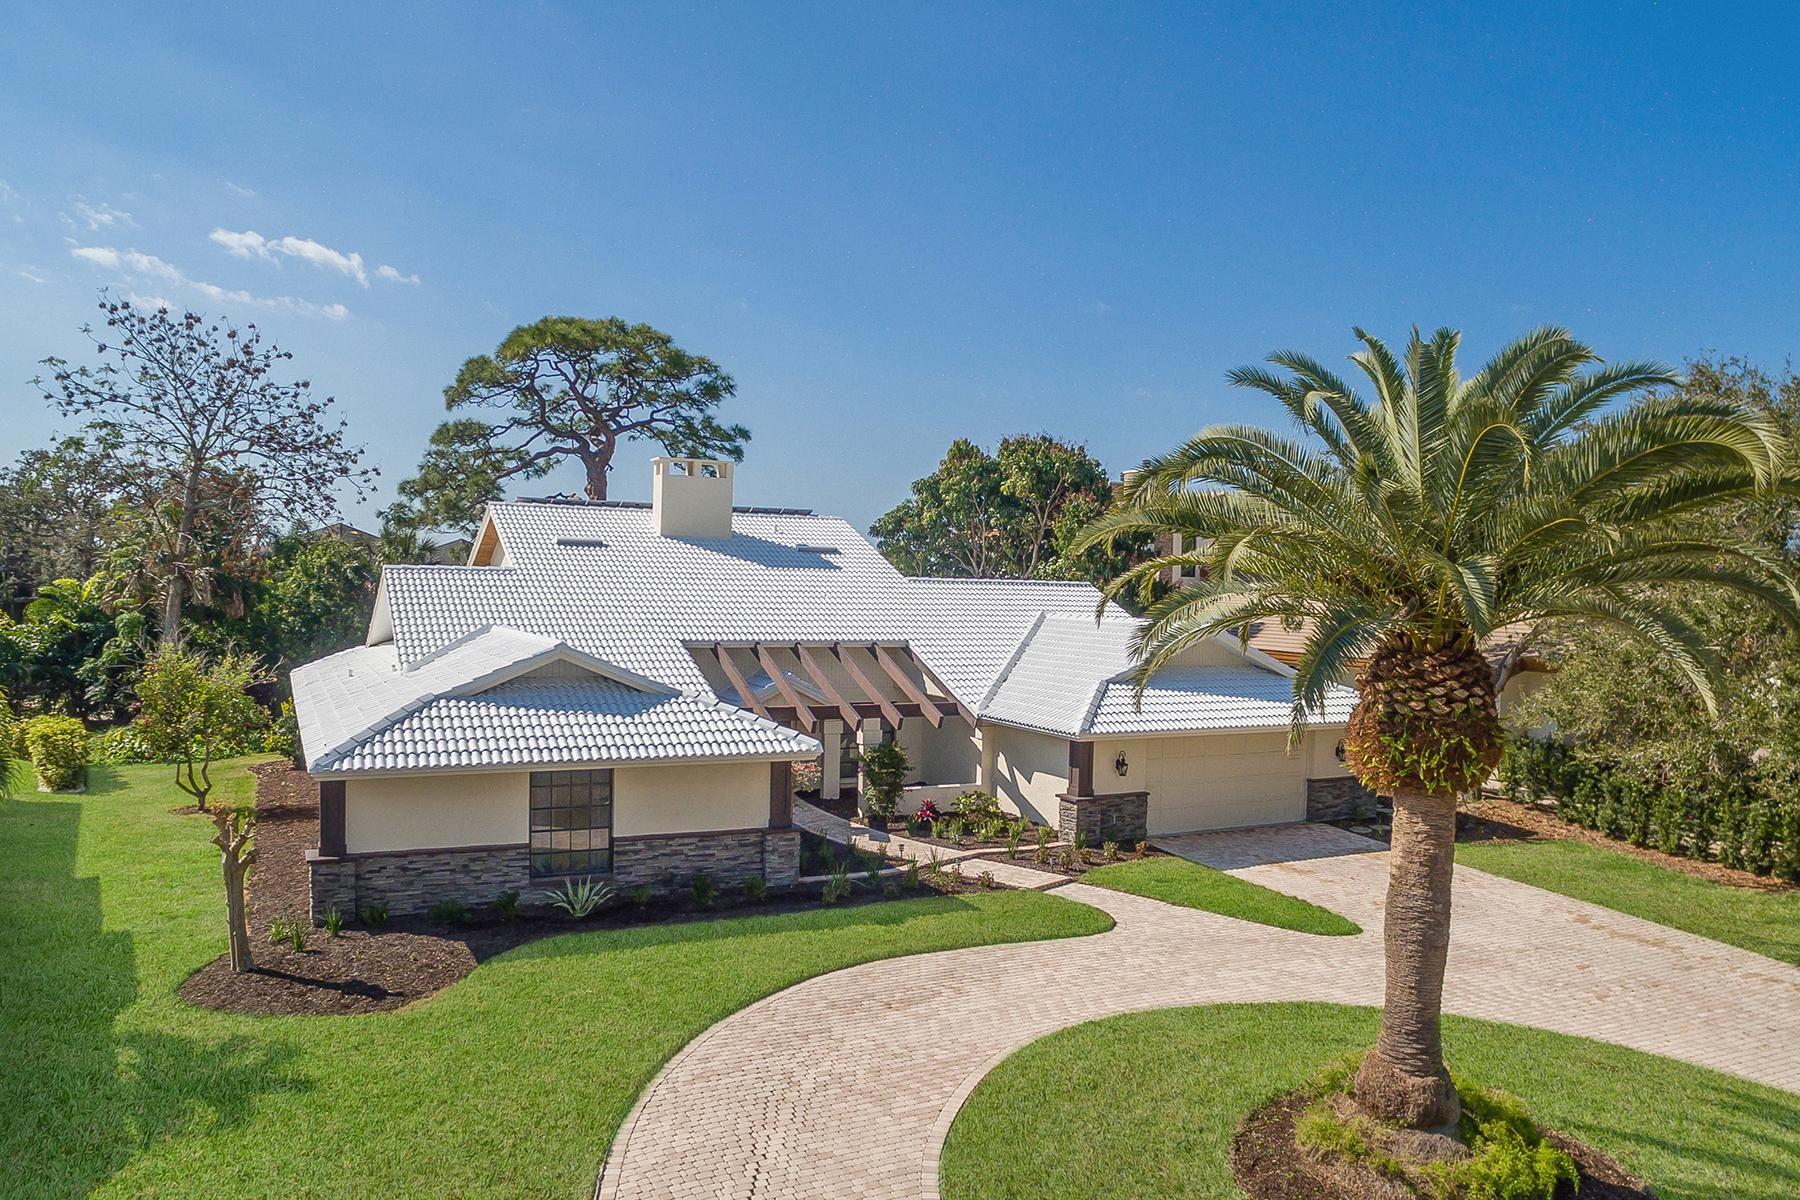 Maison unifamiliale pour l Vente à SOUTHBAY YACHT & RACQUET CLUB 267 Lookout Point Dr Osprey, Florida, 34229 États-Unis